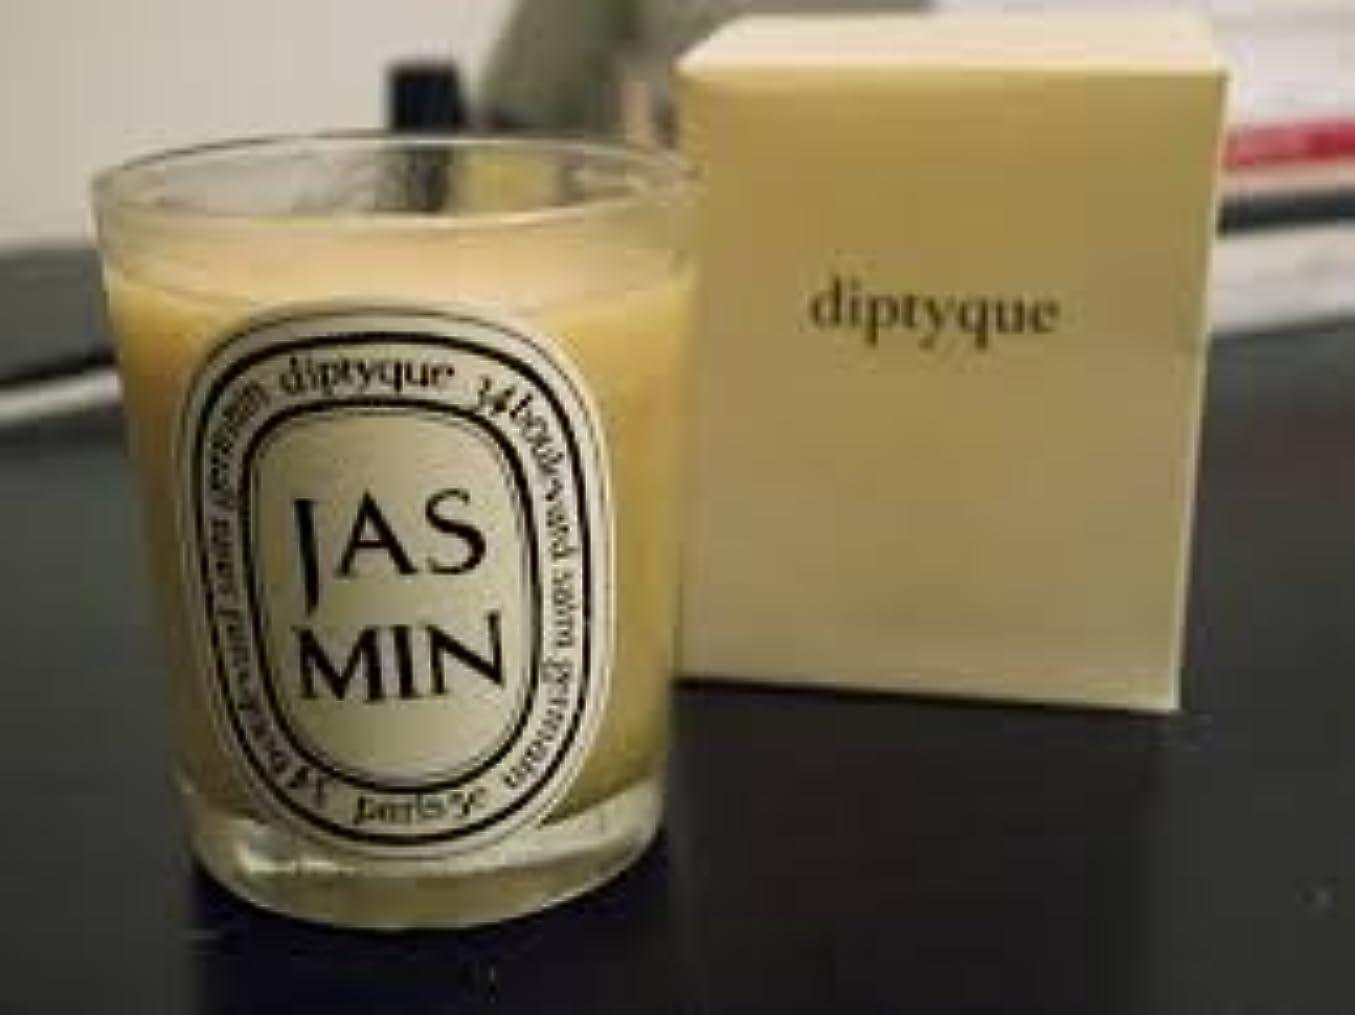 世紀スリッパマーキングDiptyque Jasmin Candle (ディプティック ジャスミン キャンドル) 2.4 oz (70g)